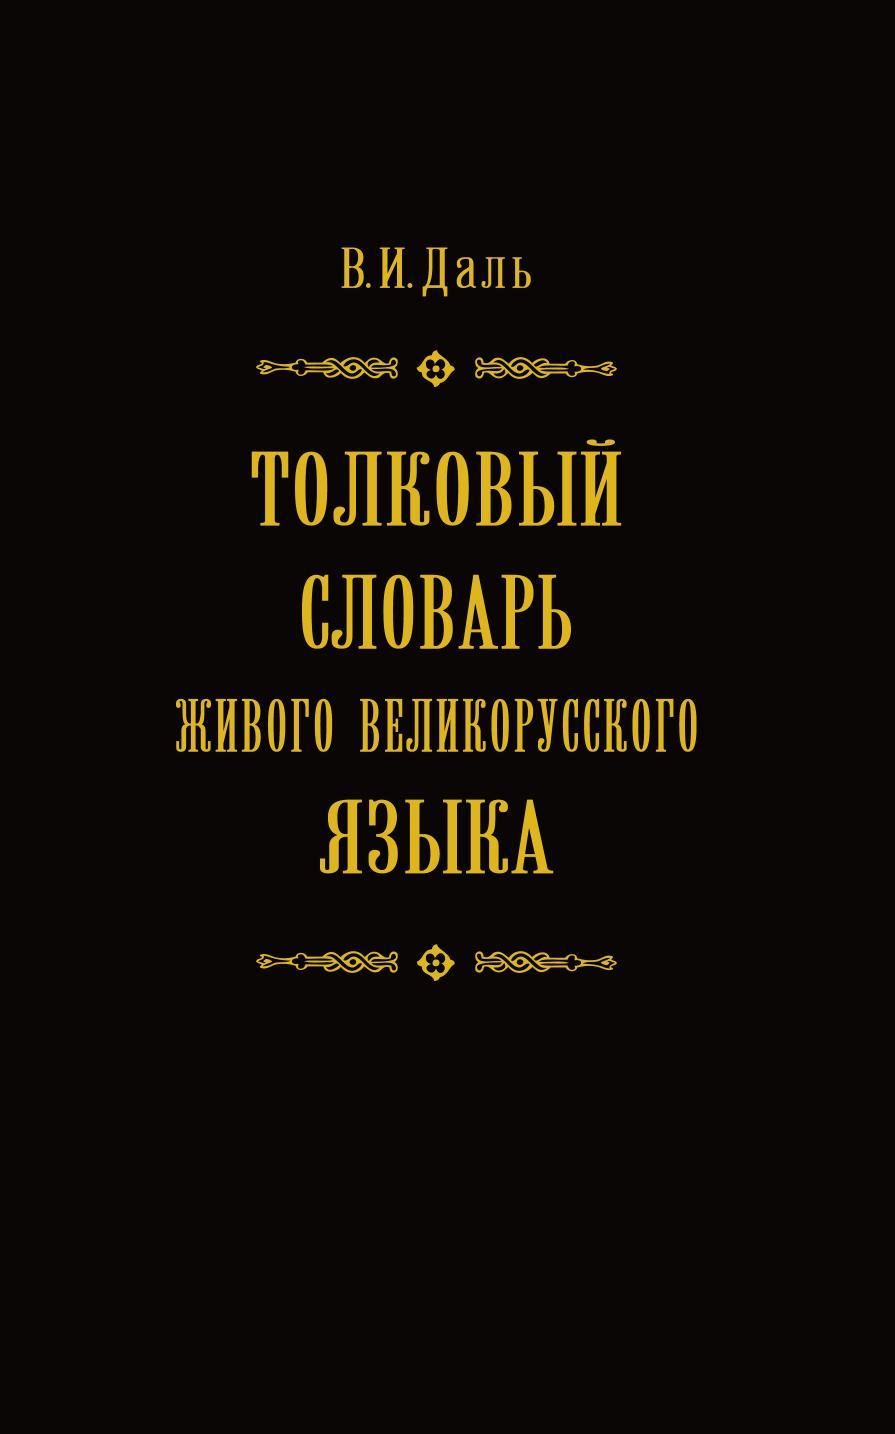 Владимир Иванович Даль Толковый словарь живого великорусского языка в 4 томах. Том 1 цена